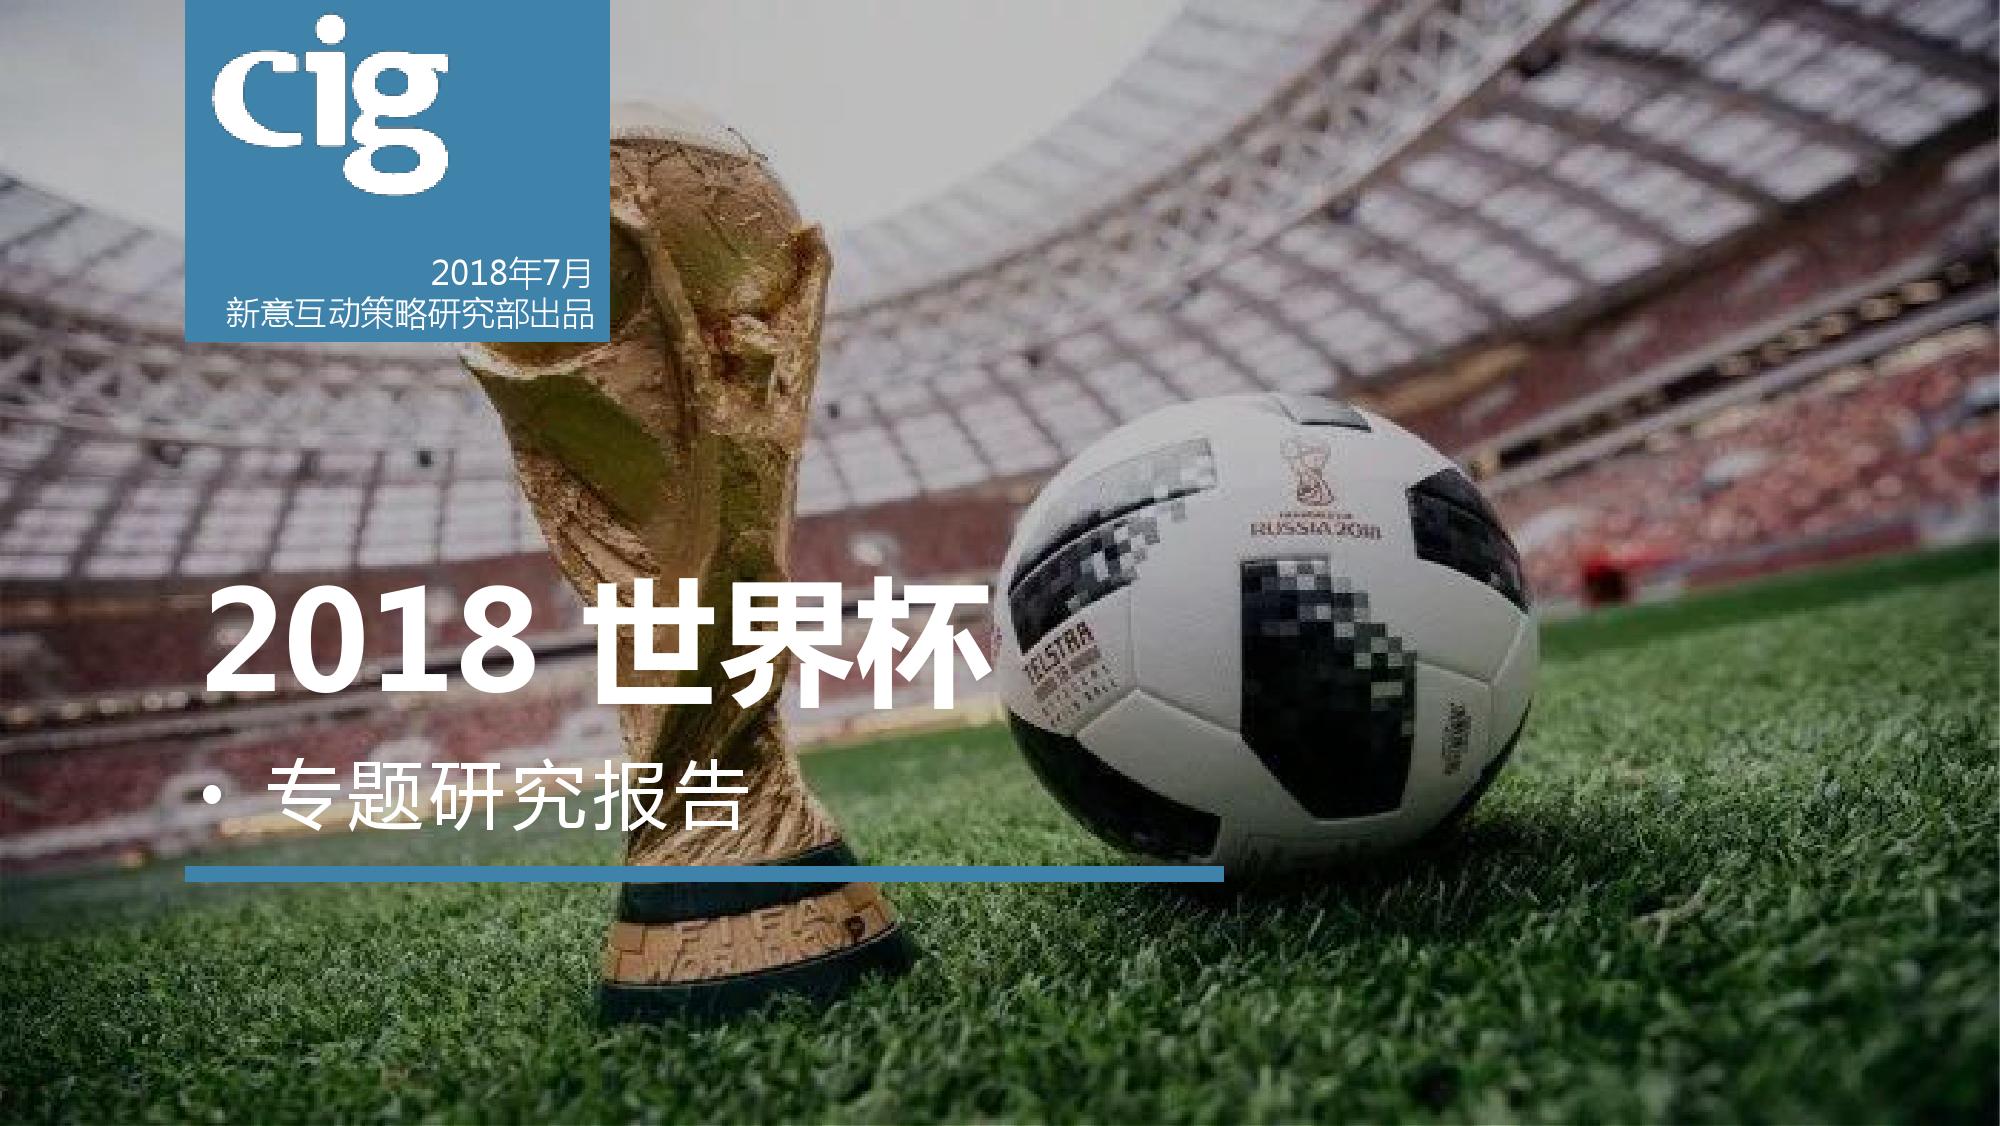 2018世界杯专题研究报告_000001.png